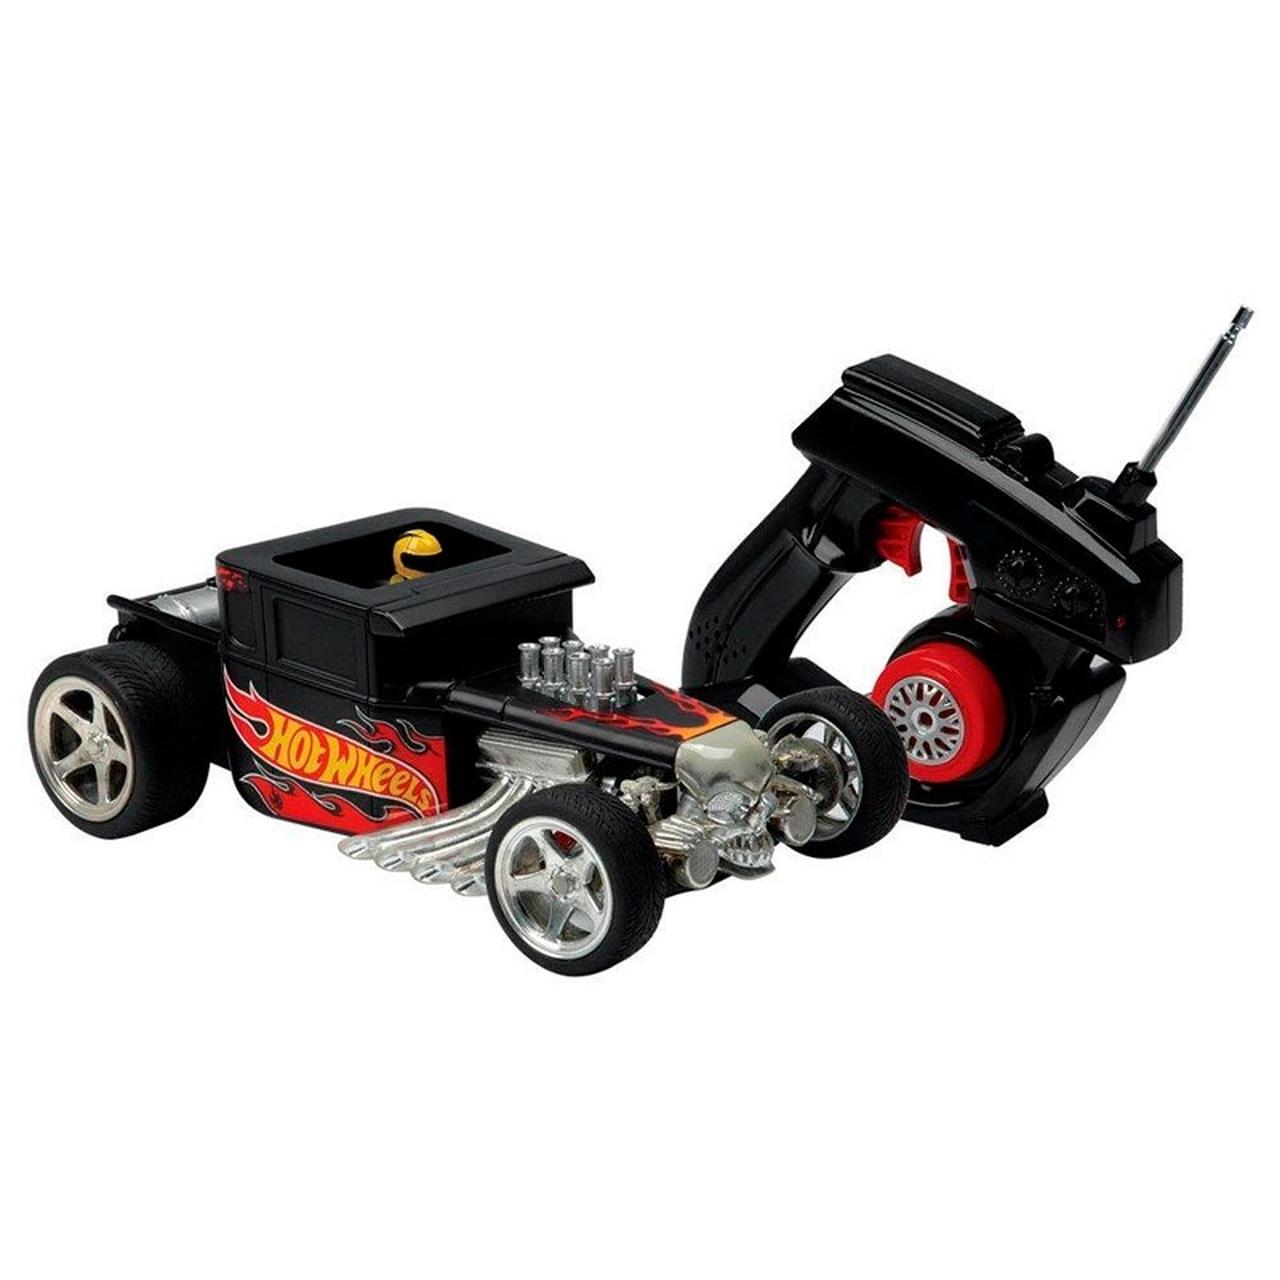 Hot Wheels Carrinho Bone Shaker Controle Remoto Candide 4545